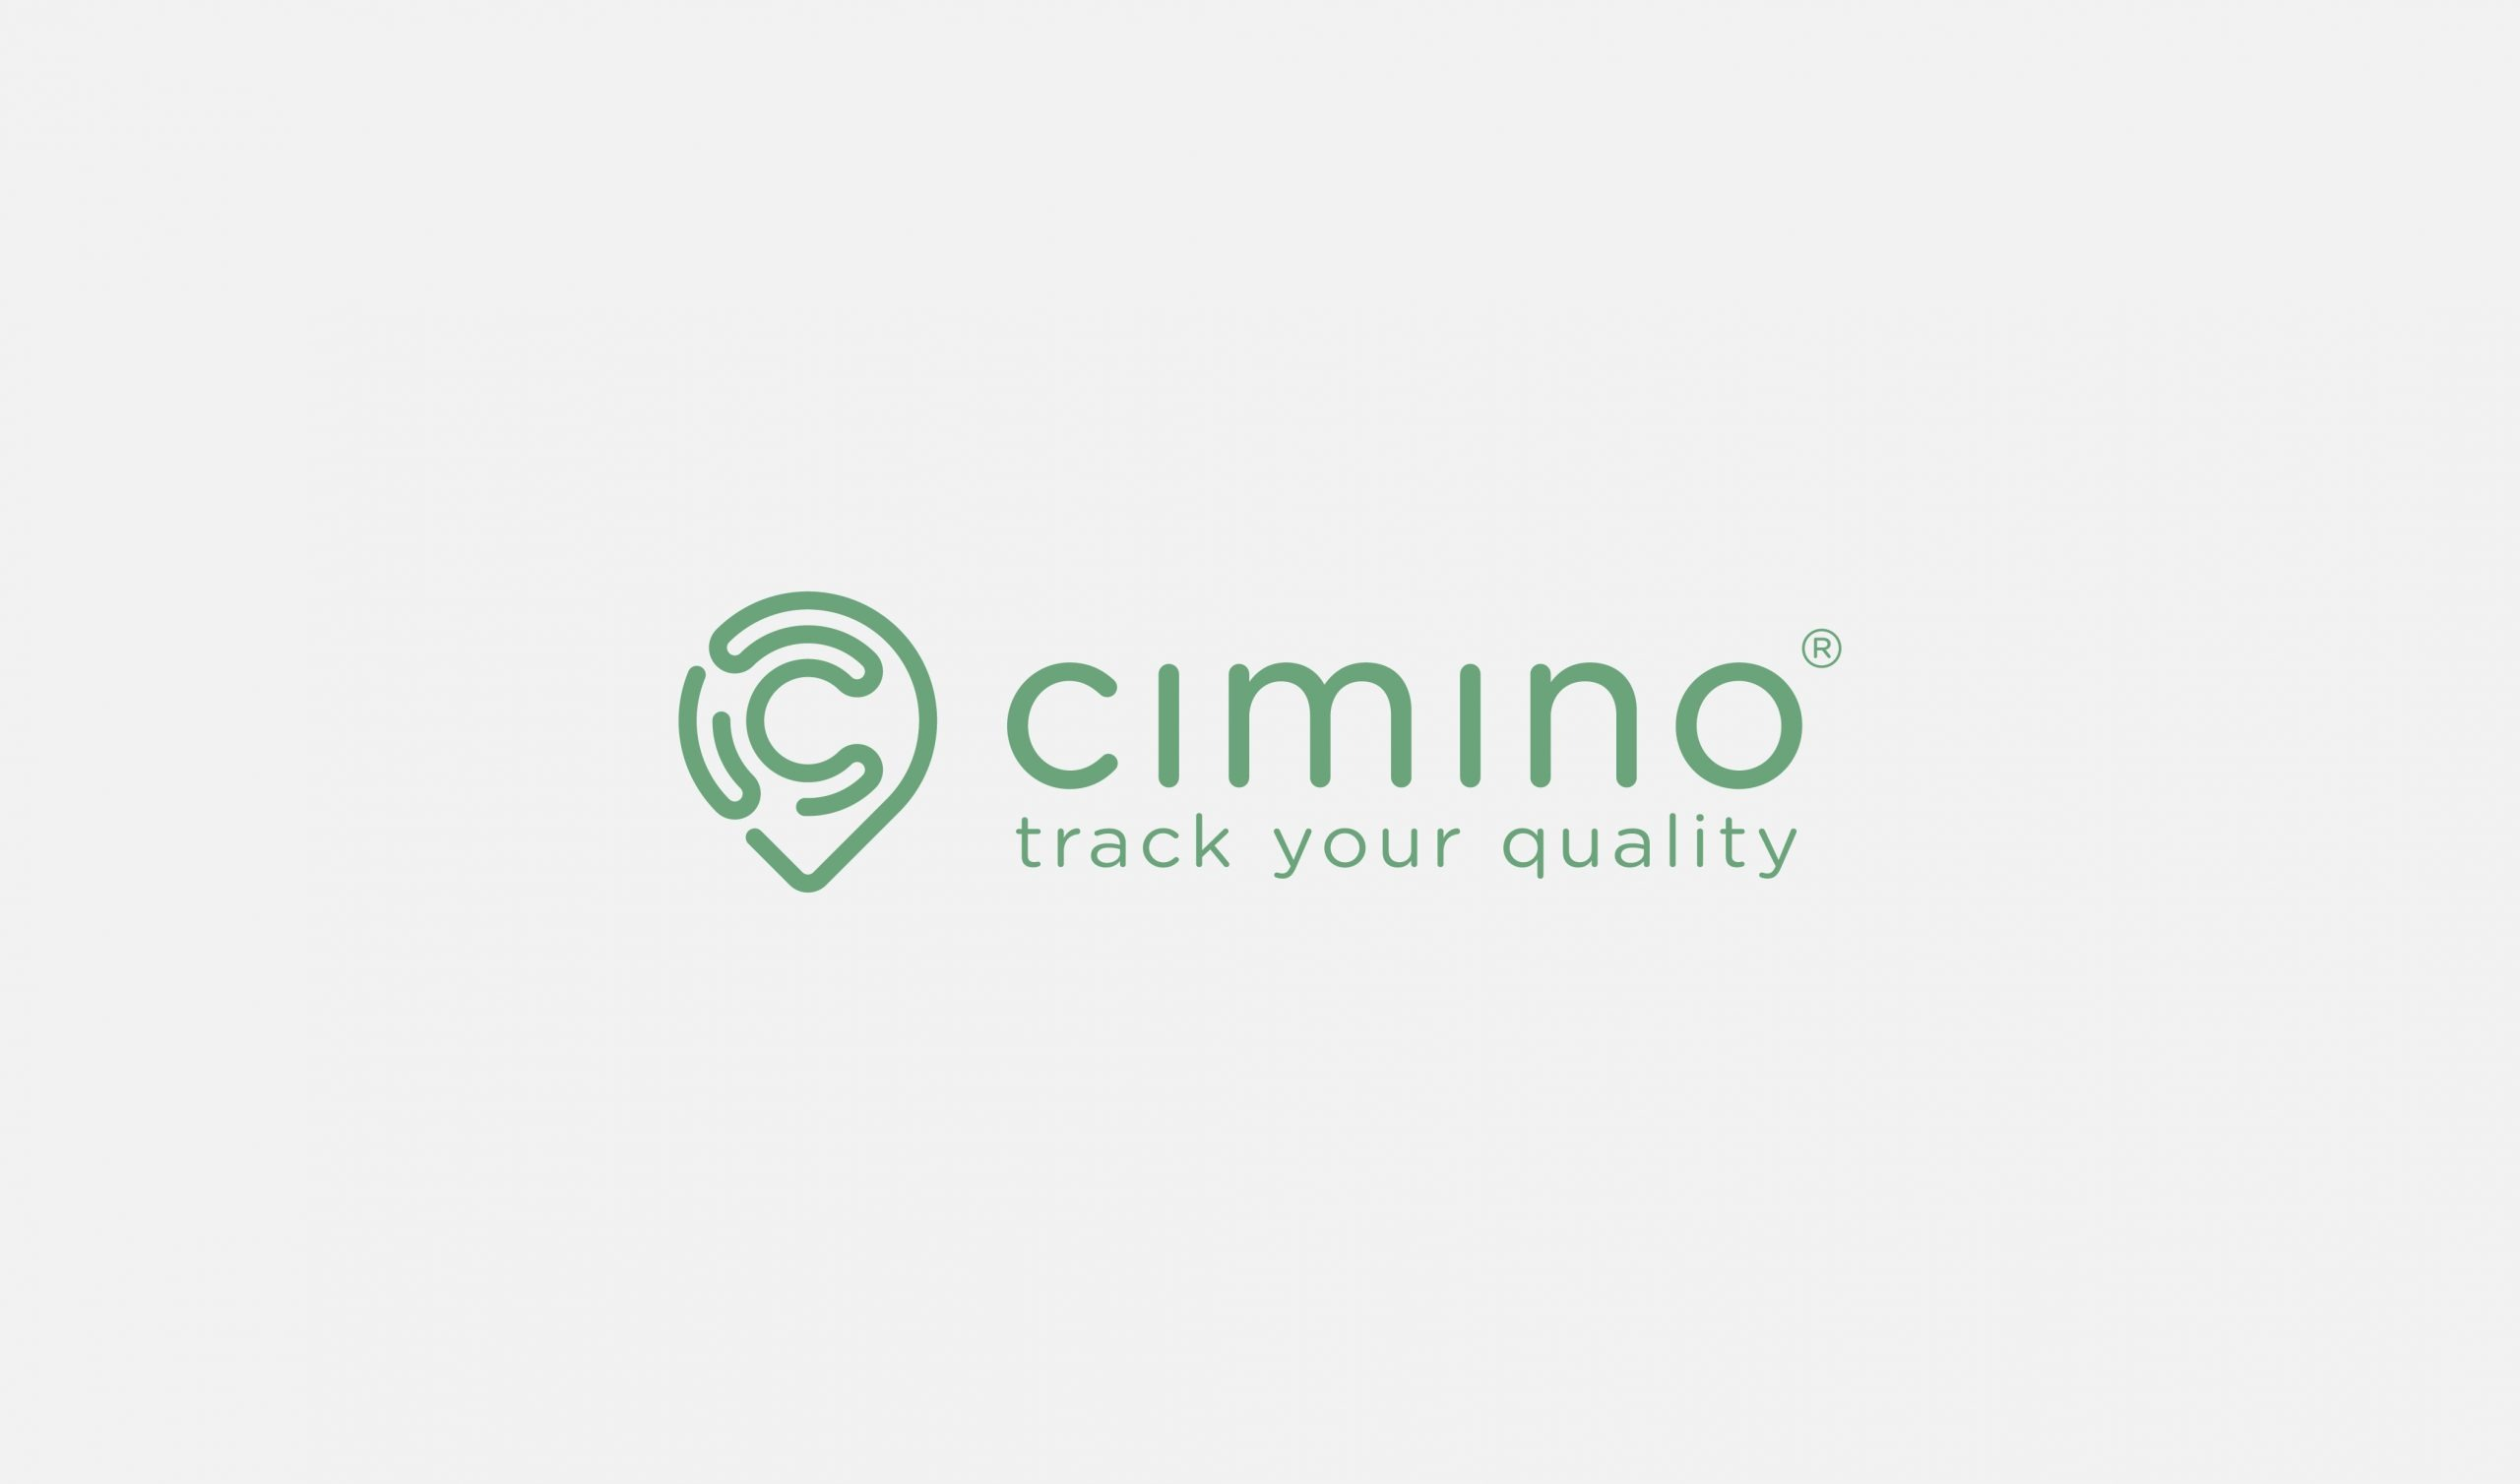 Cimino interfaccia app mobile - Logo a colori